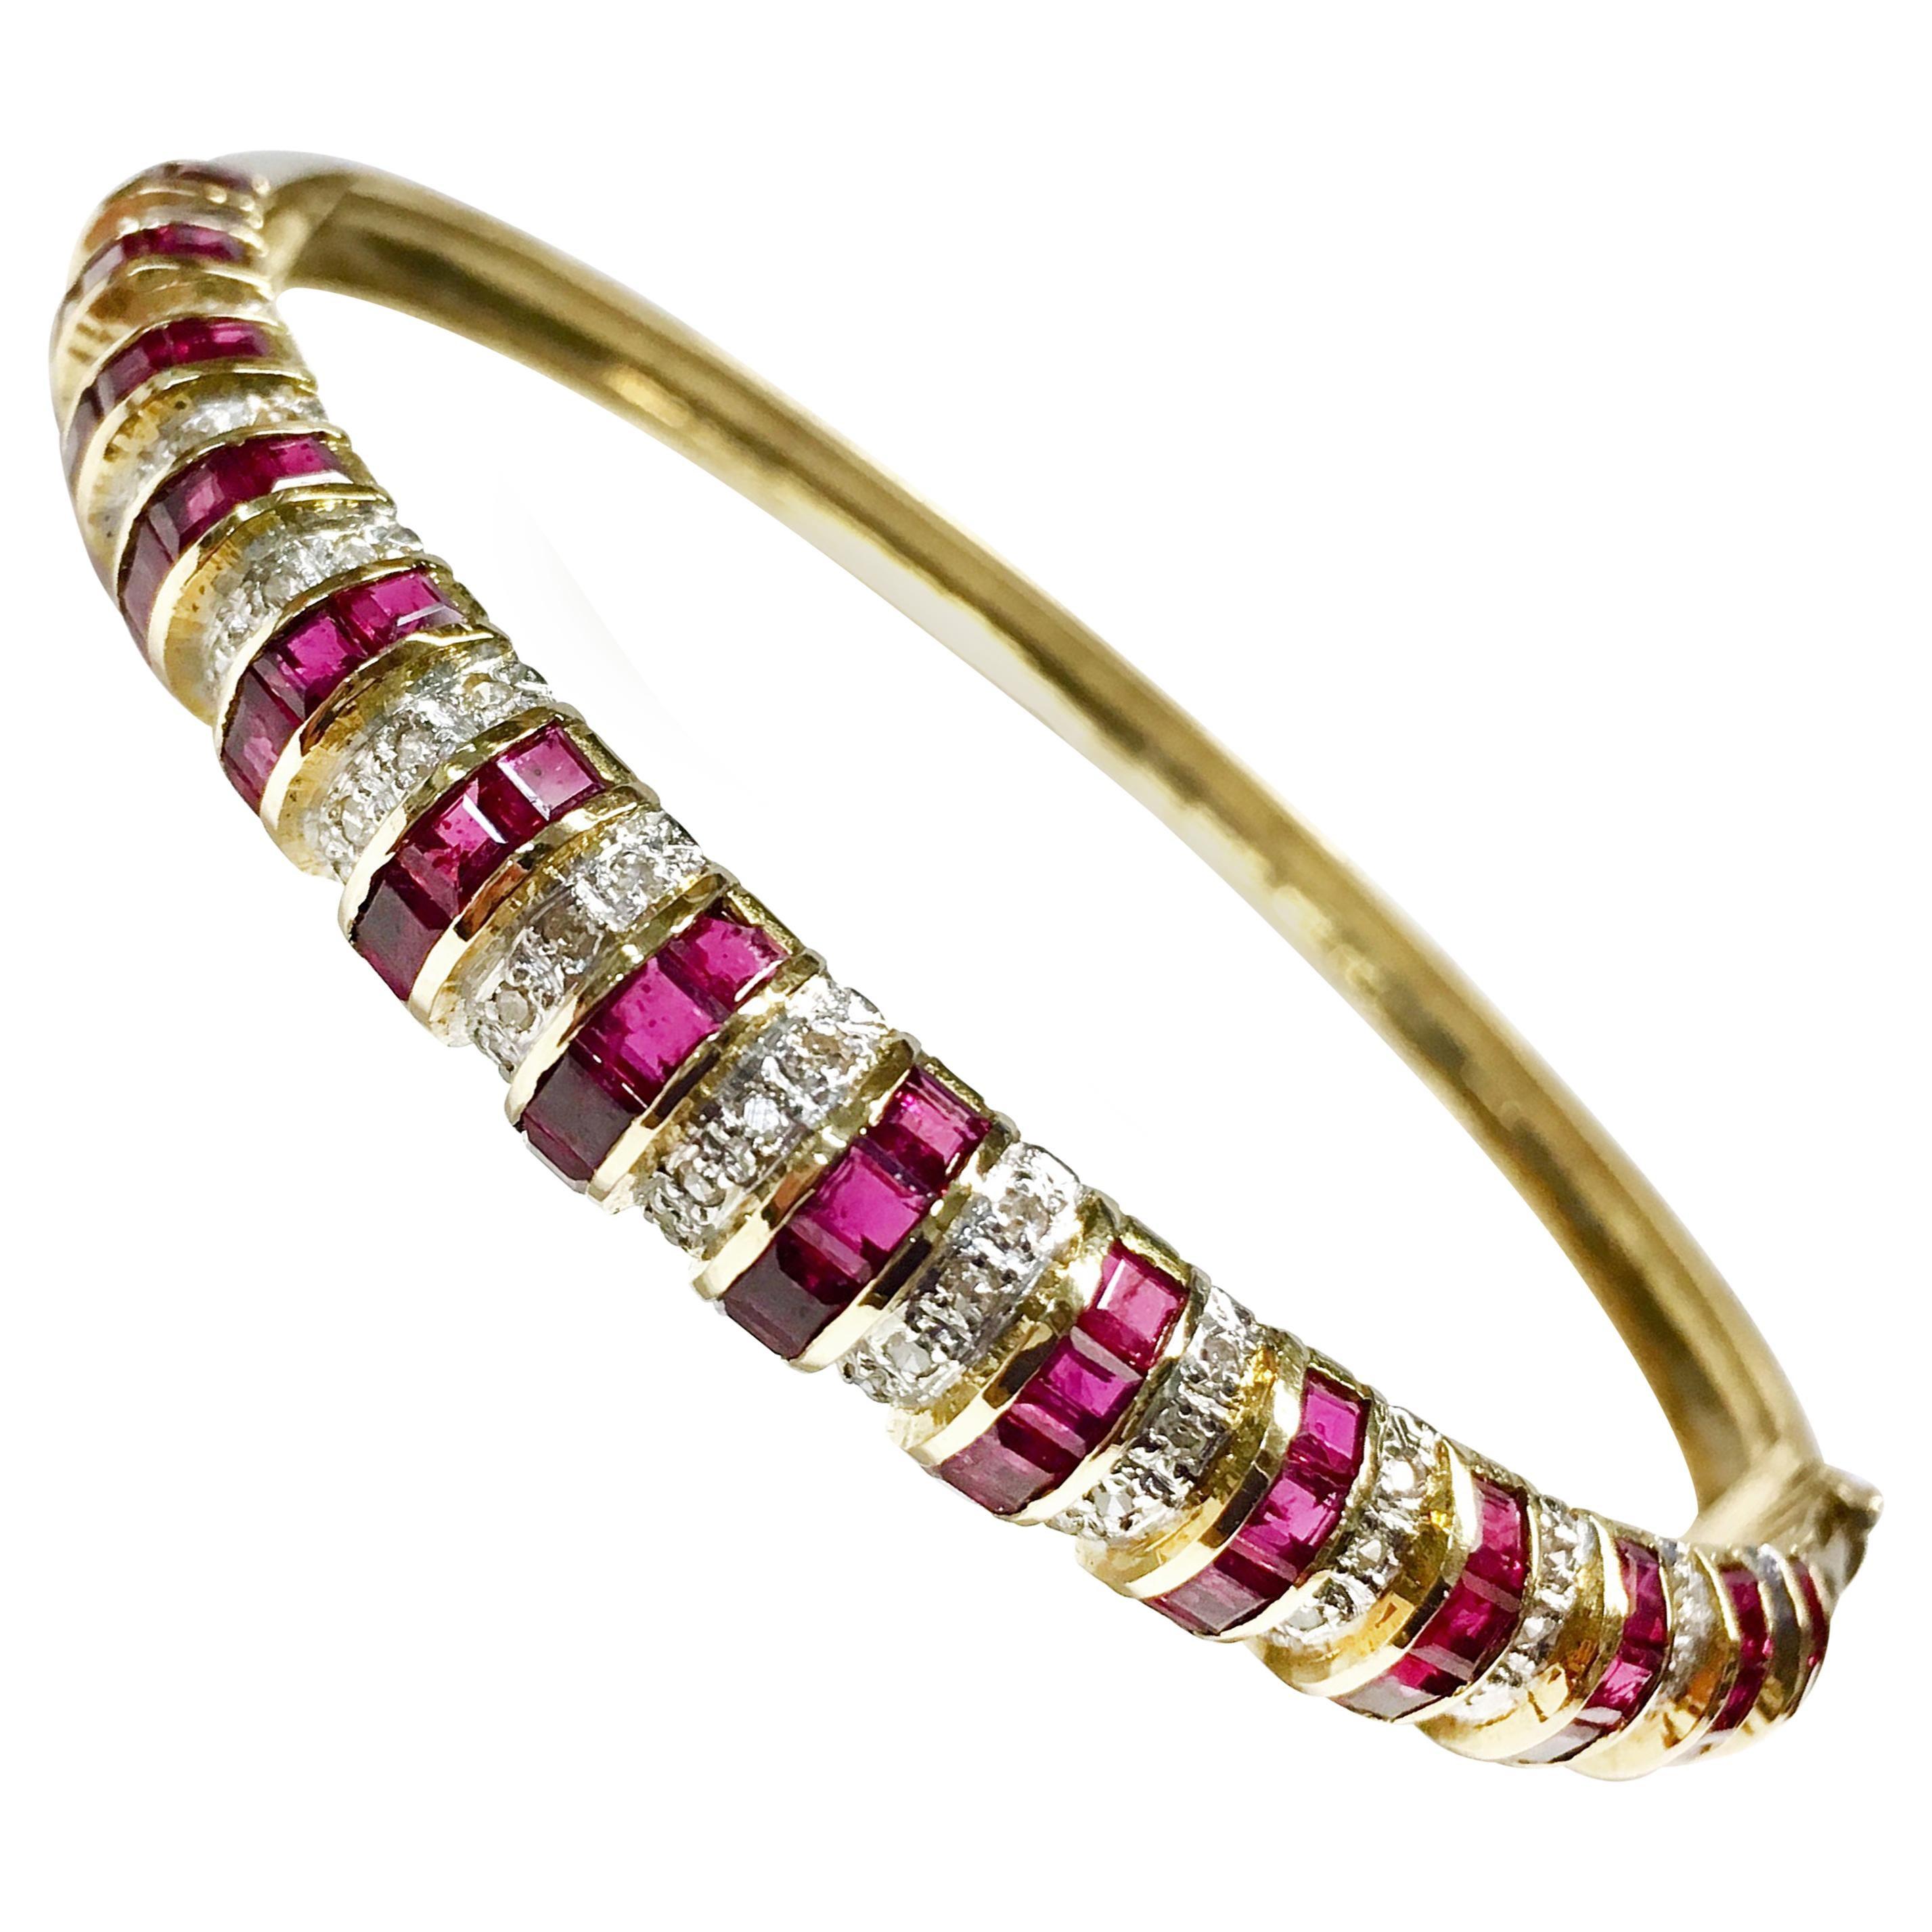 14 Karat Ruby Diamond Gold Bangle Bracelet